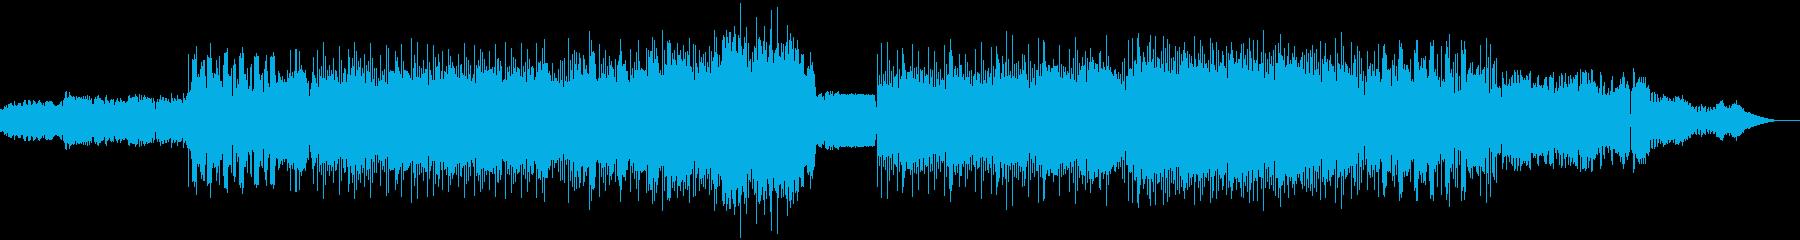 狂気とスパルタDnBの再生済みの波形